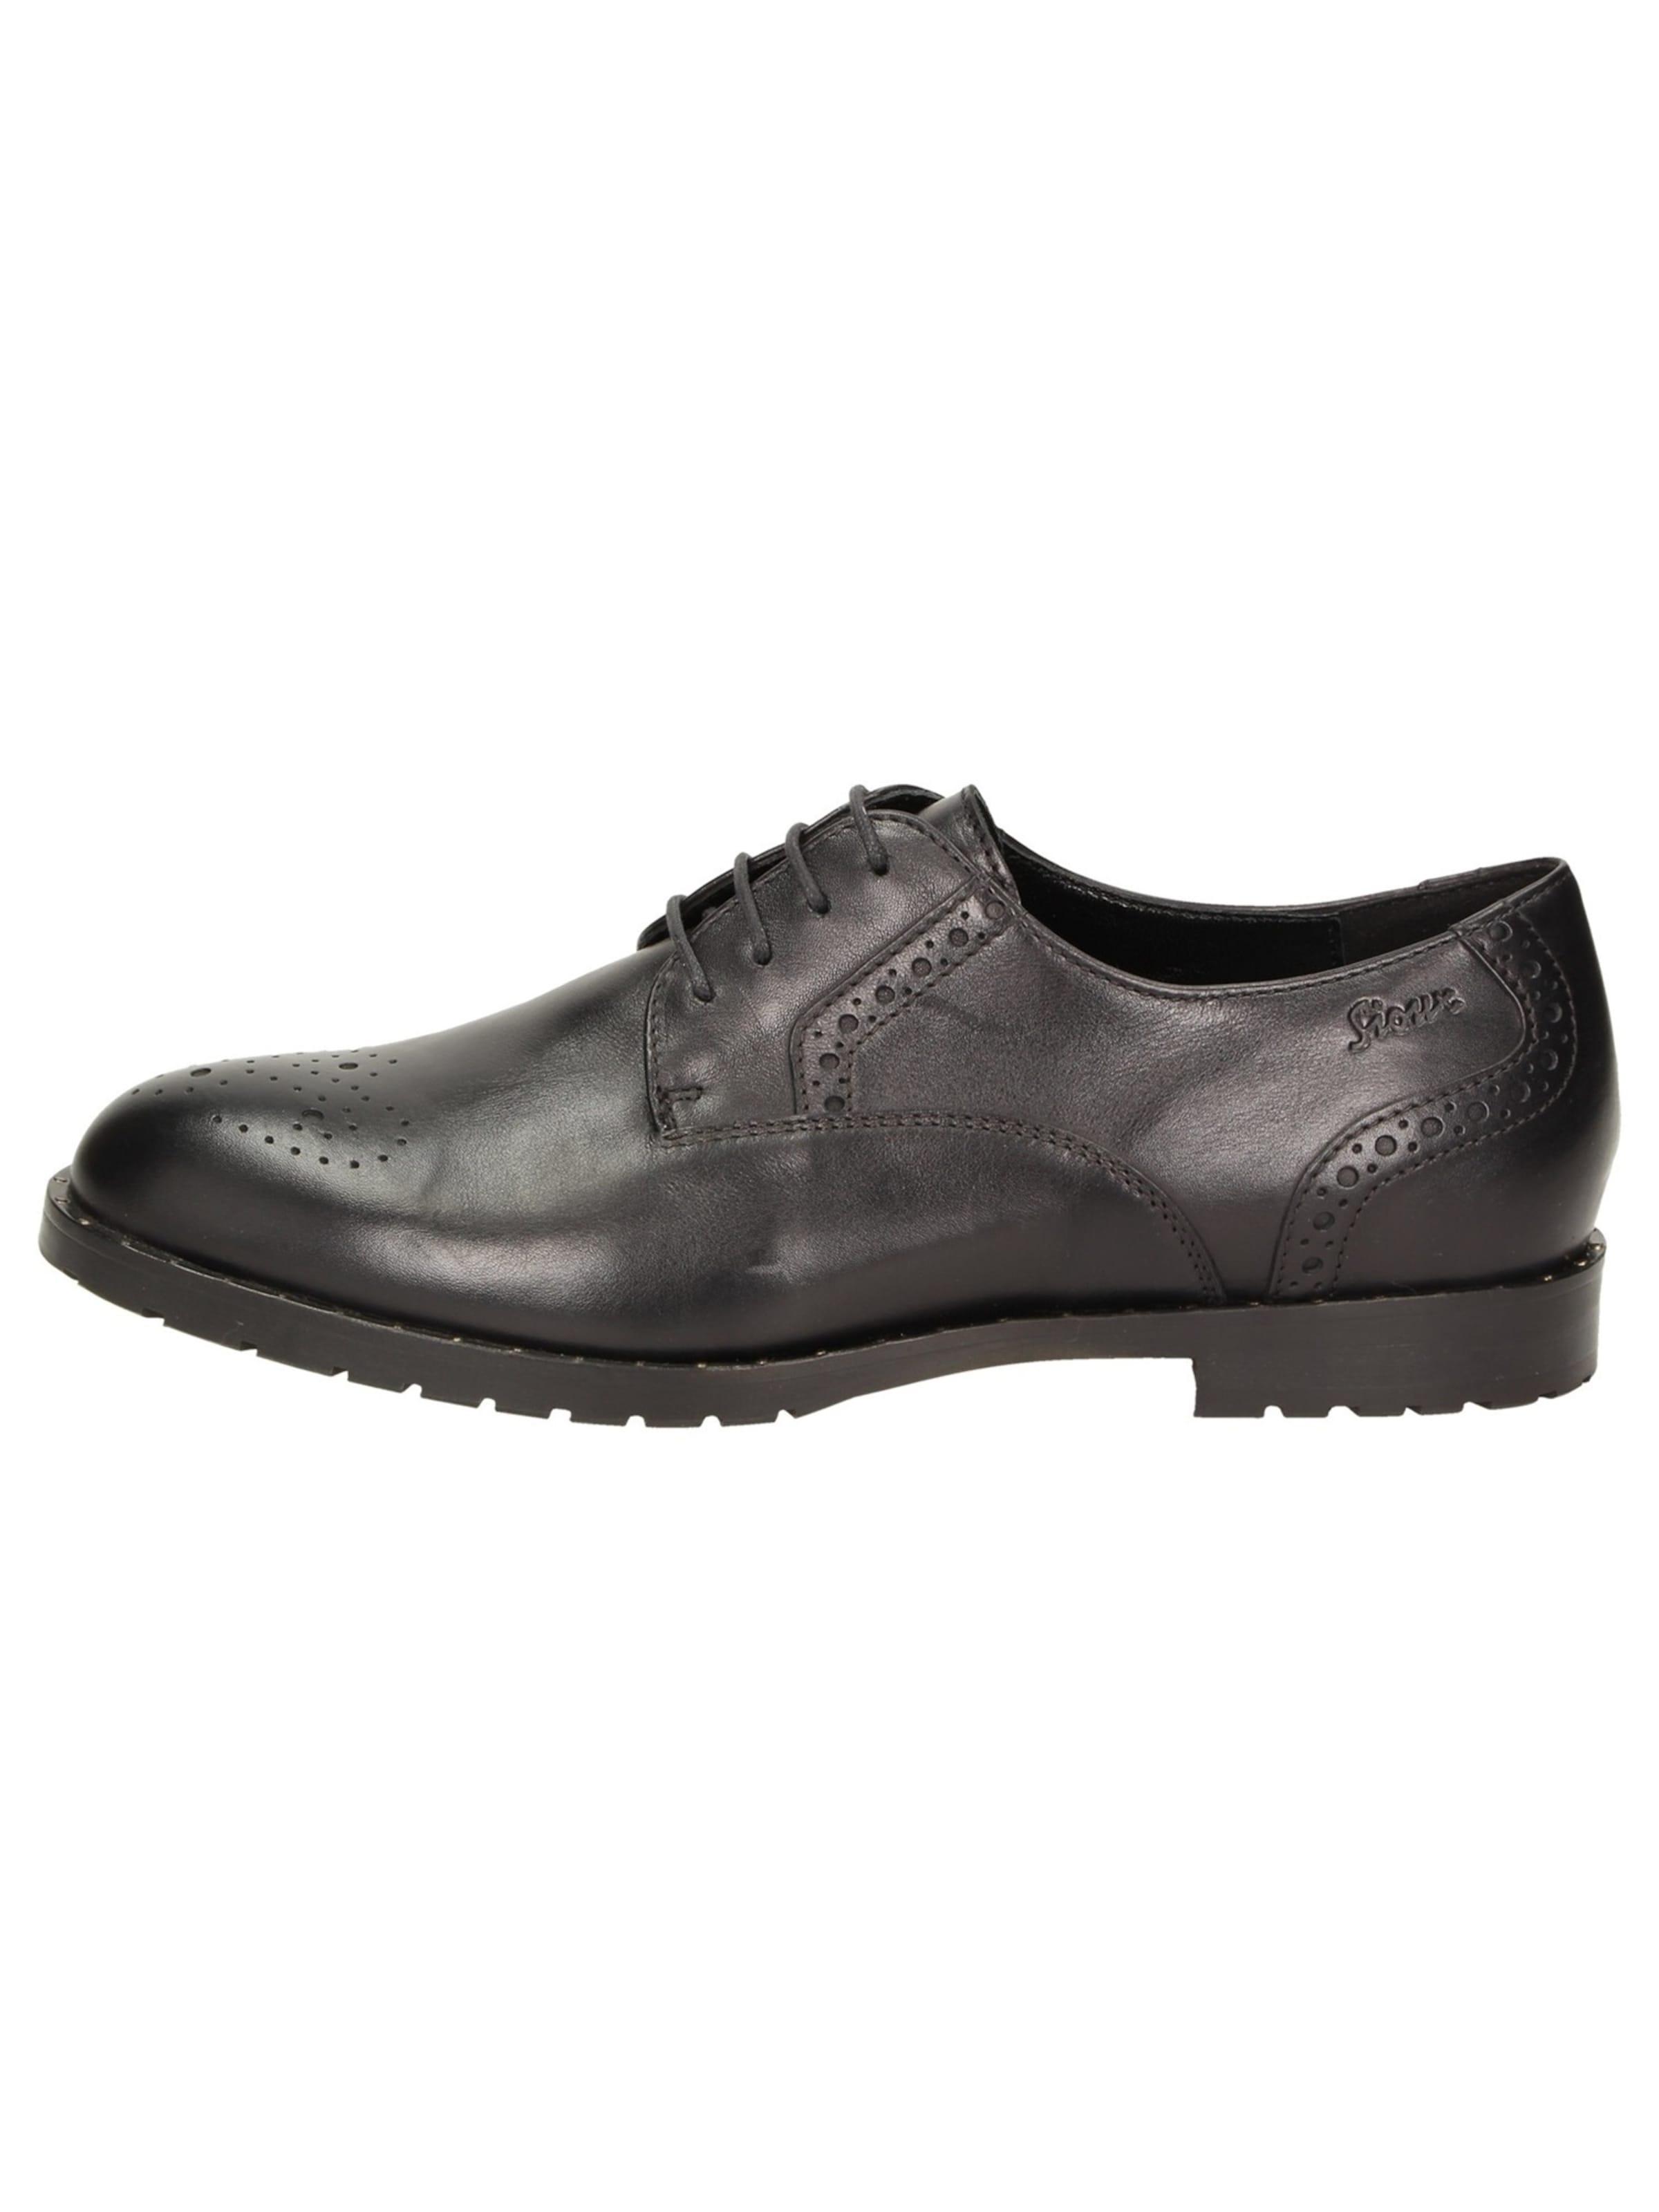 Schuh In 'erilda Sioux Schwarz 700' Aq34R5Lj